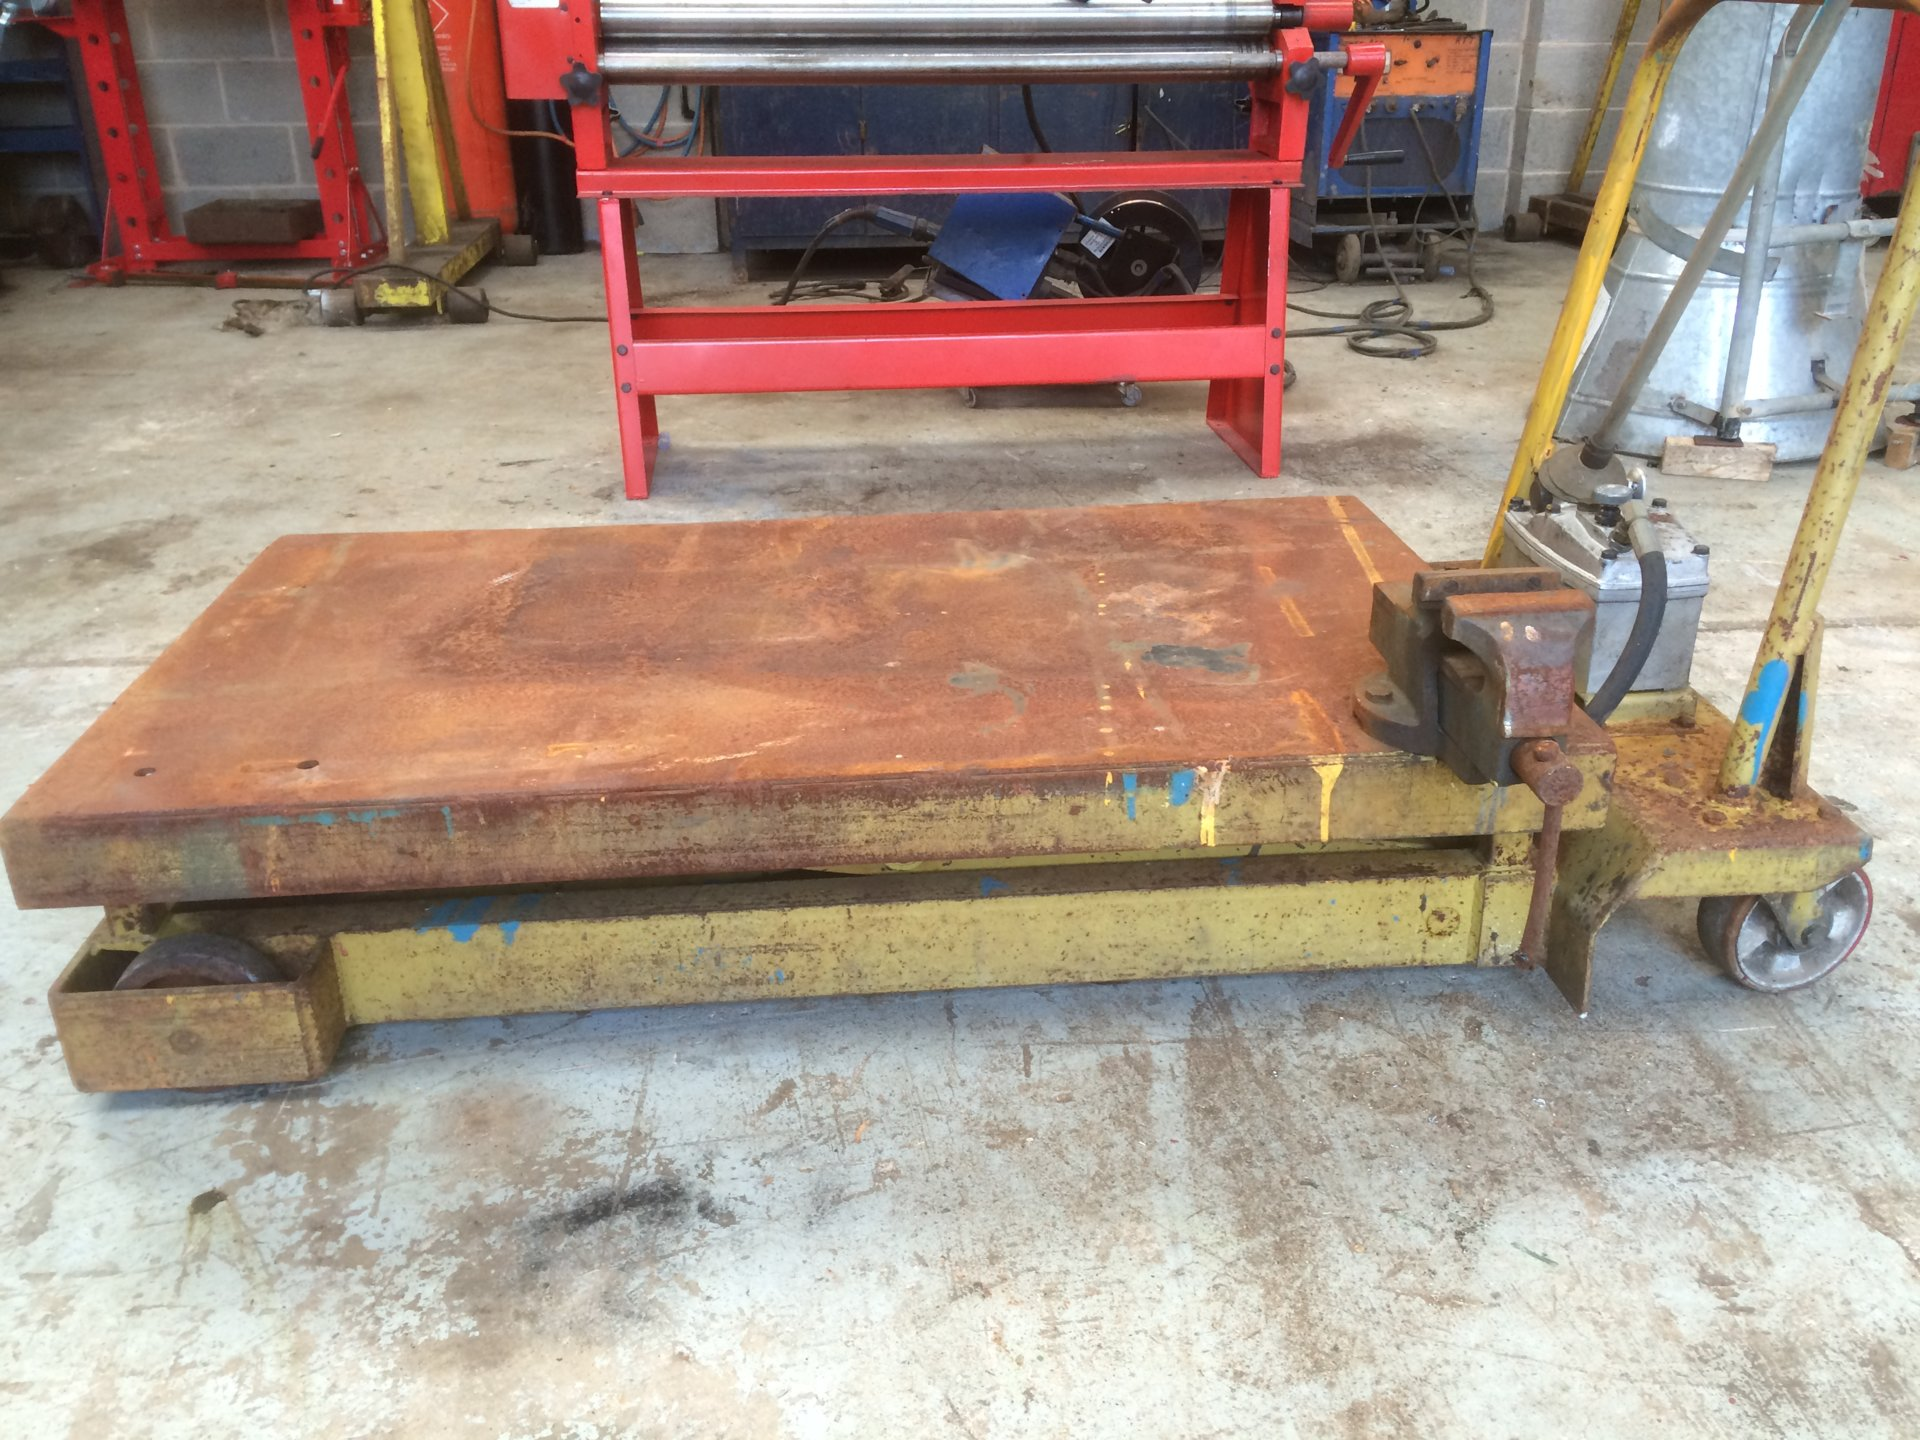 Hydraulic lift workshop table/trolley   The Farming Forum